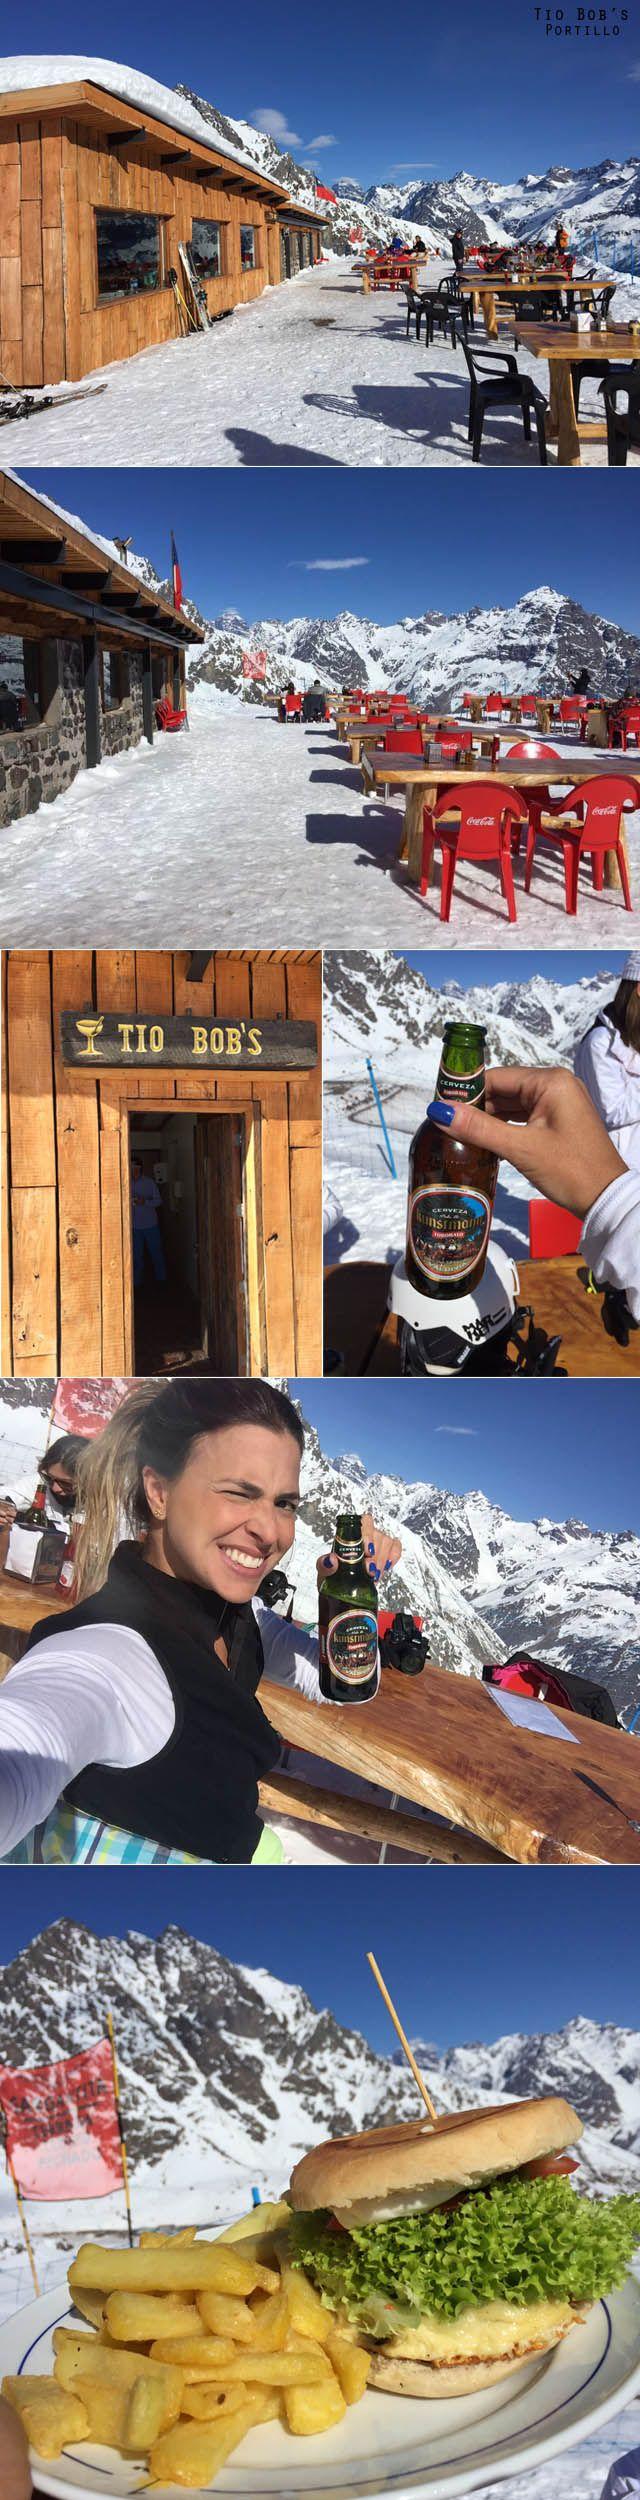 portillo, chile, Viagens de neve, snow, snowboard, aventura, leblog, montanha, ski, frio, inverno